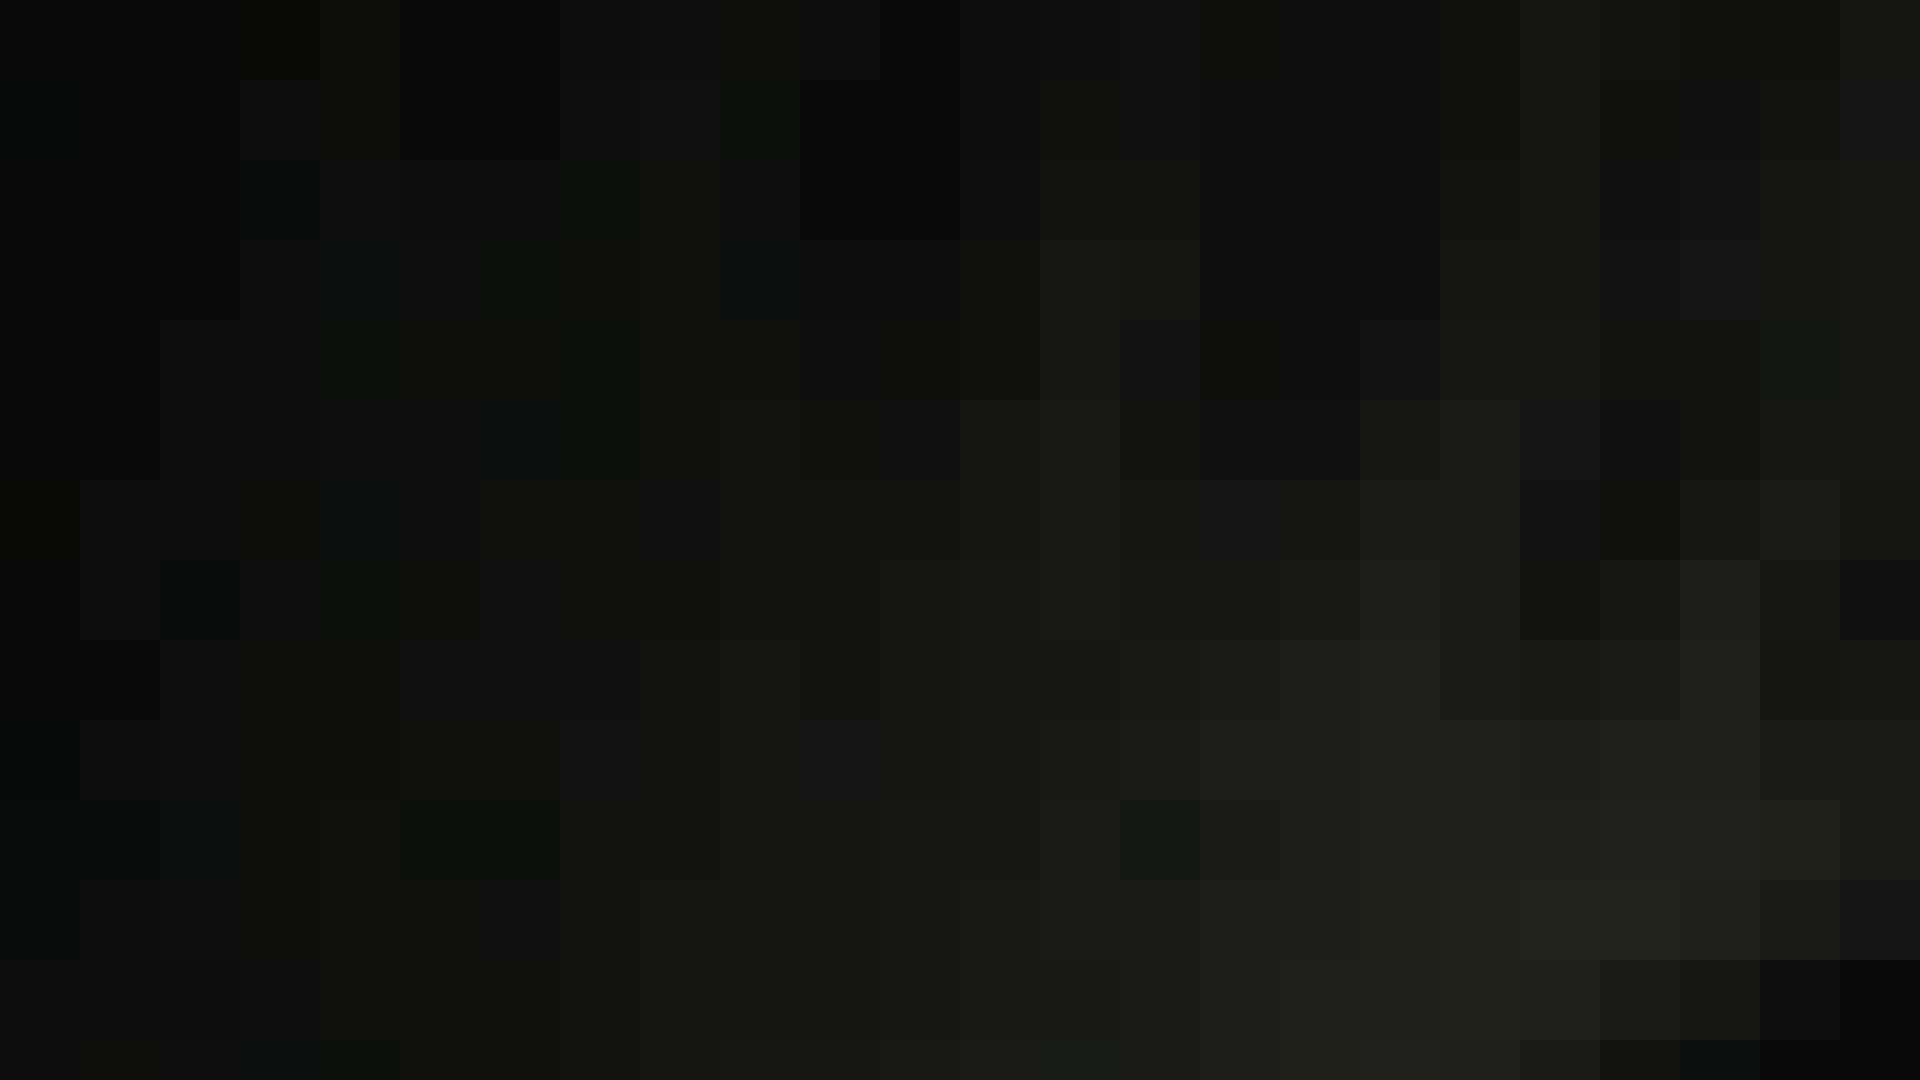 阿国ちゃんの「和式洋式七変化」No.18 iBO(フタコブ) 和式  68PIX 52